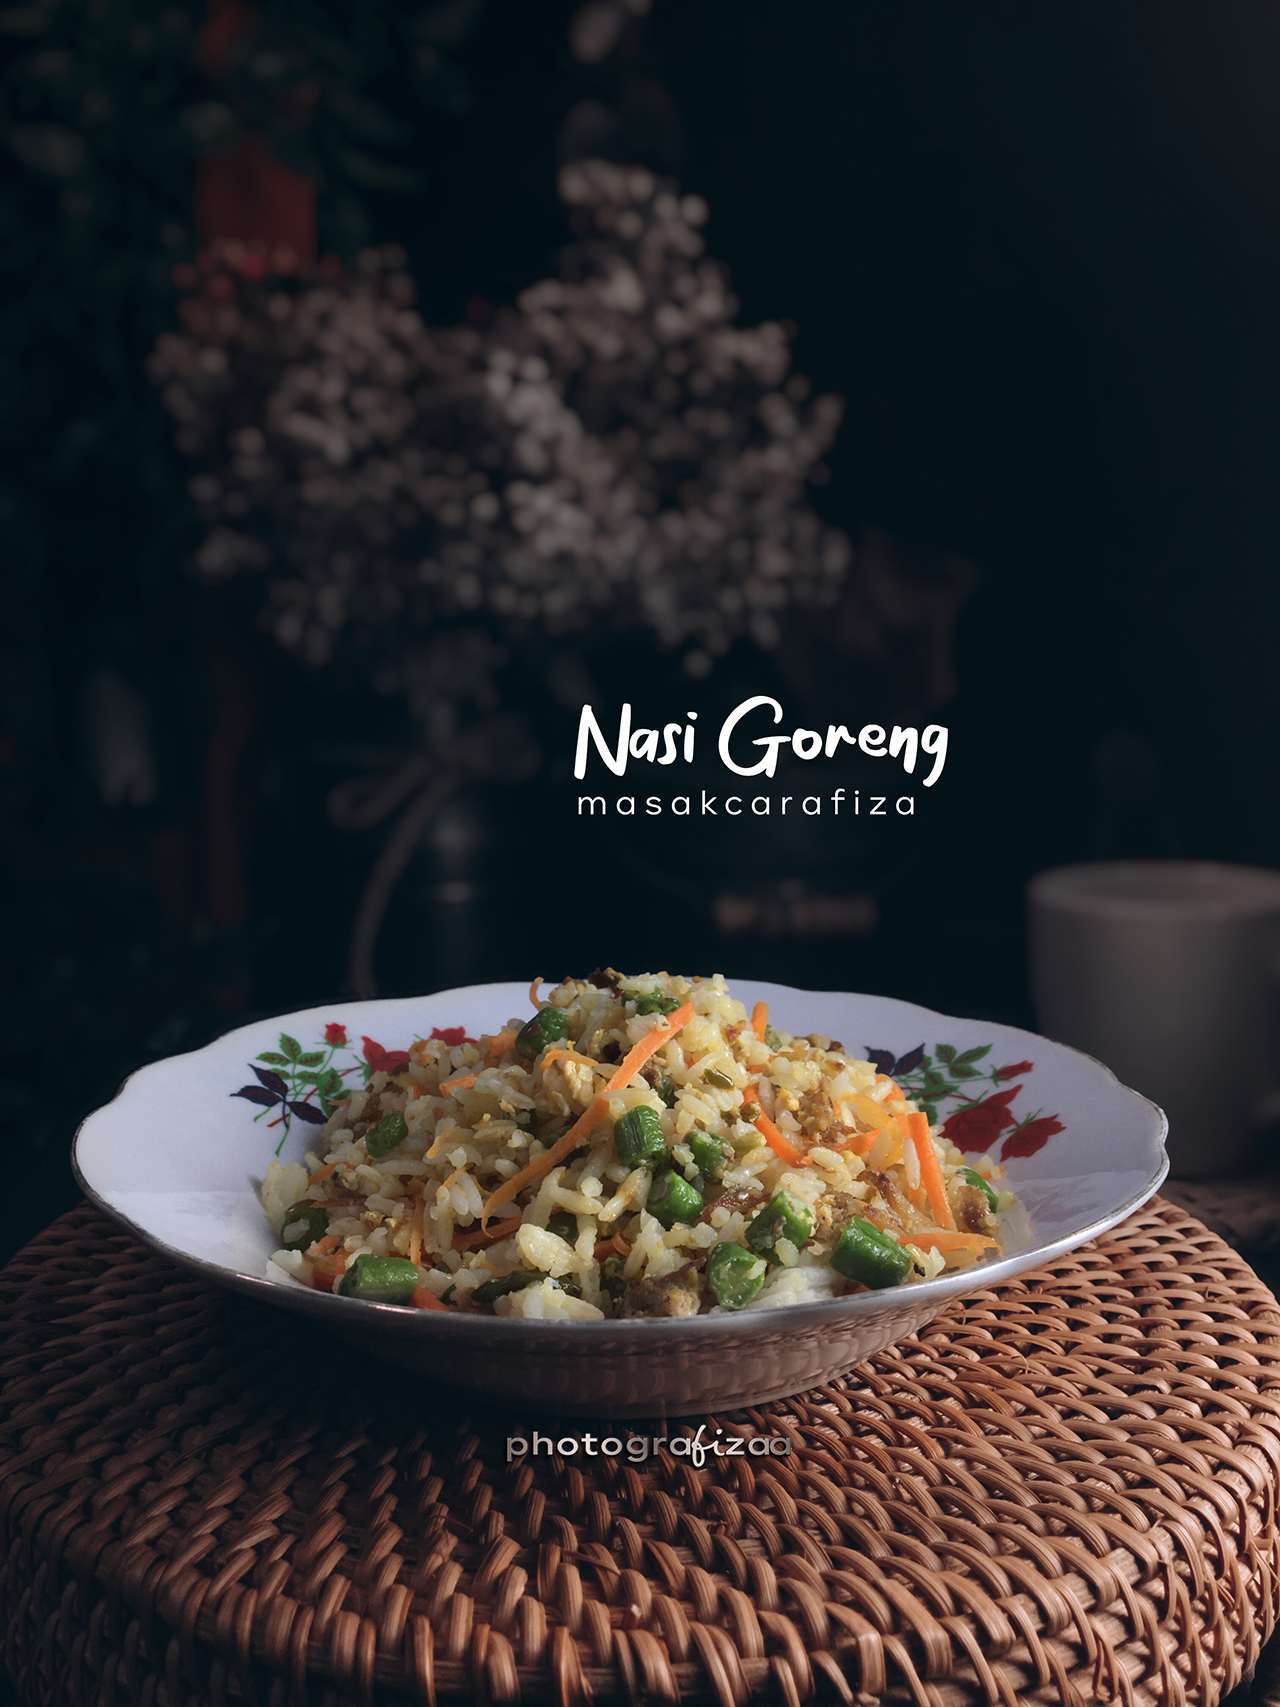 Nasi Goreng Masak Cara Fiza